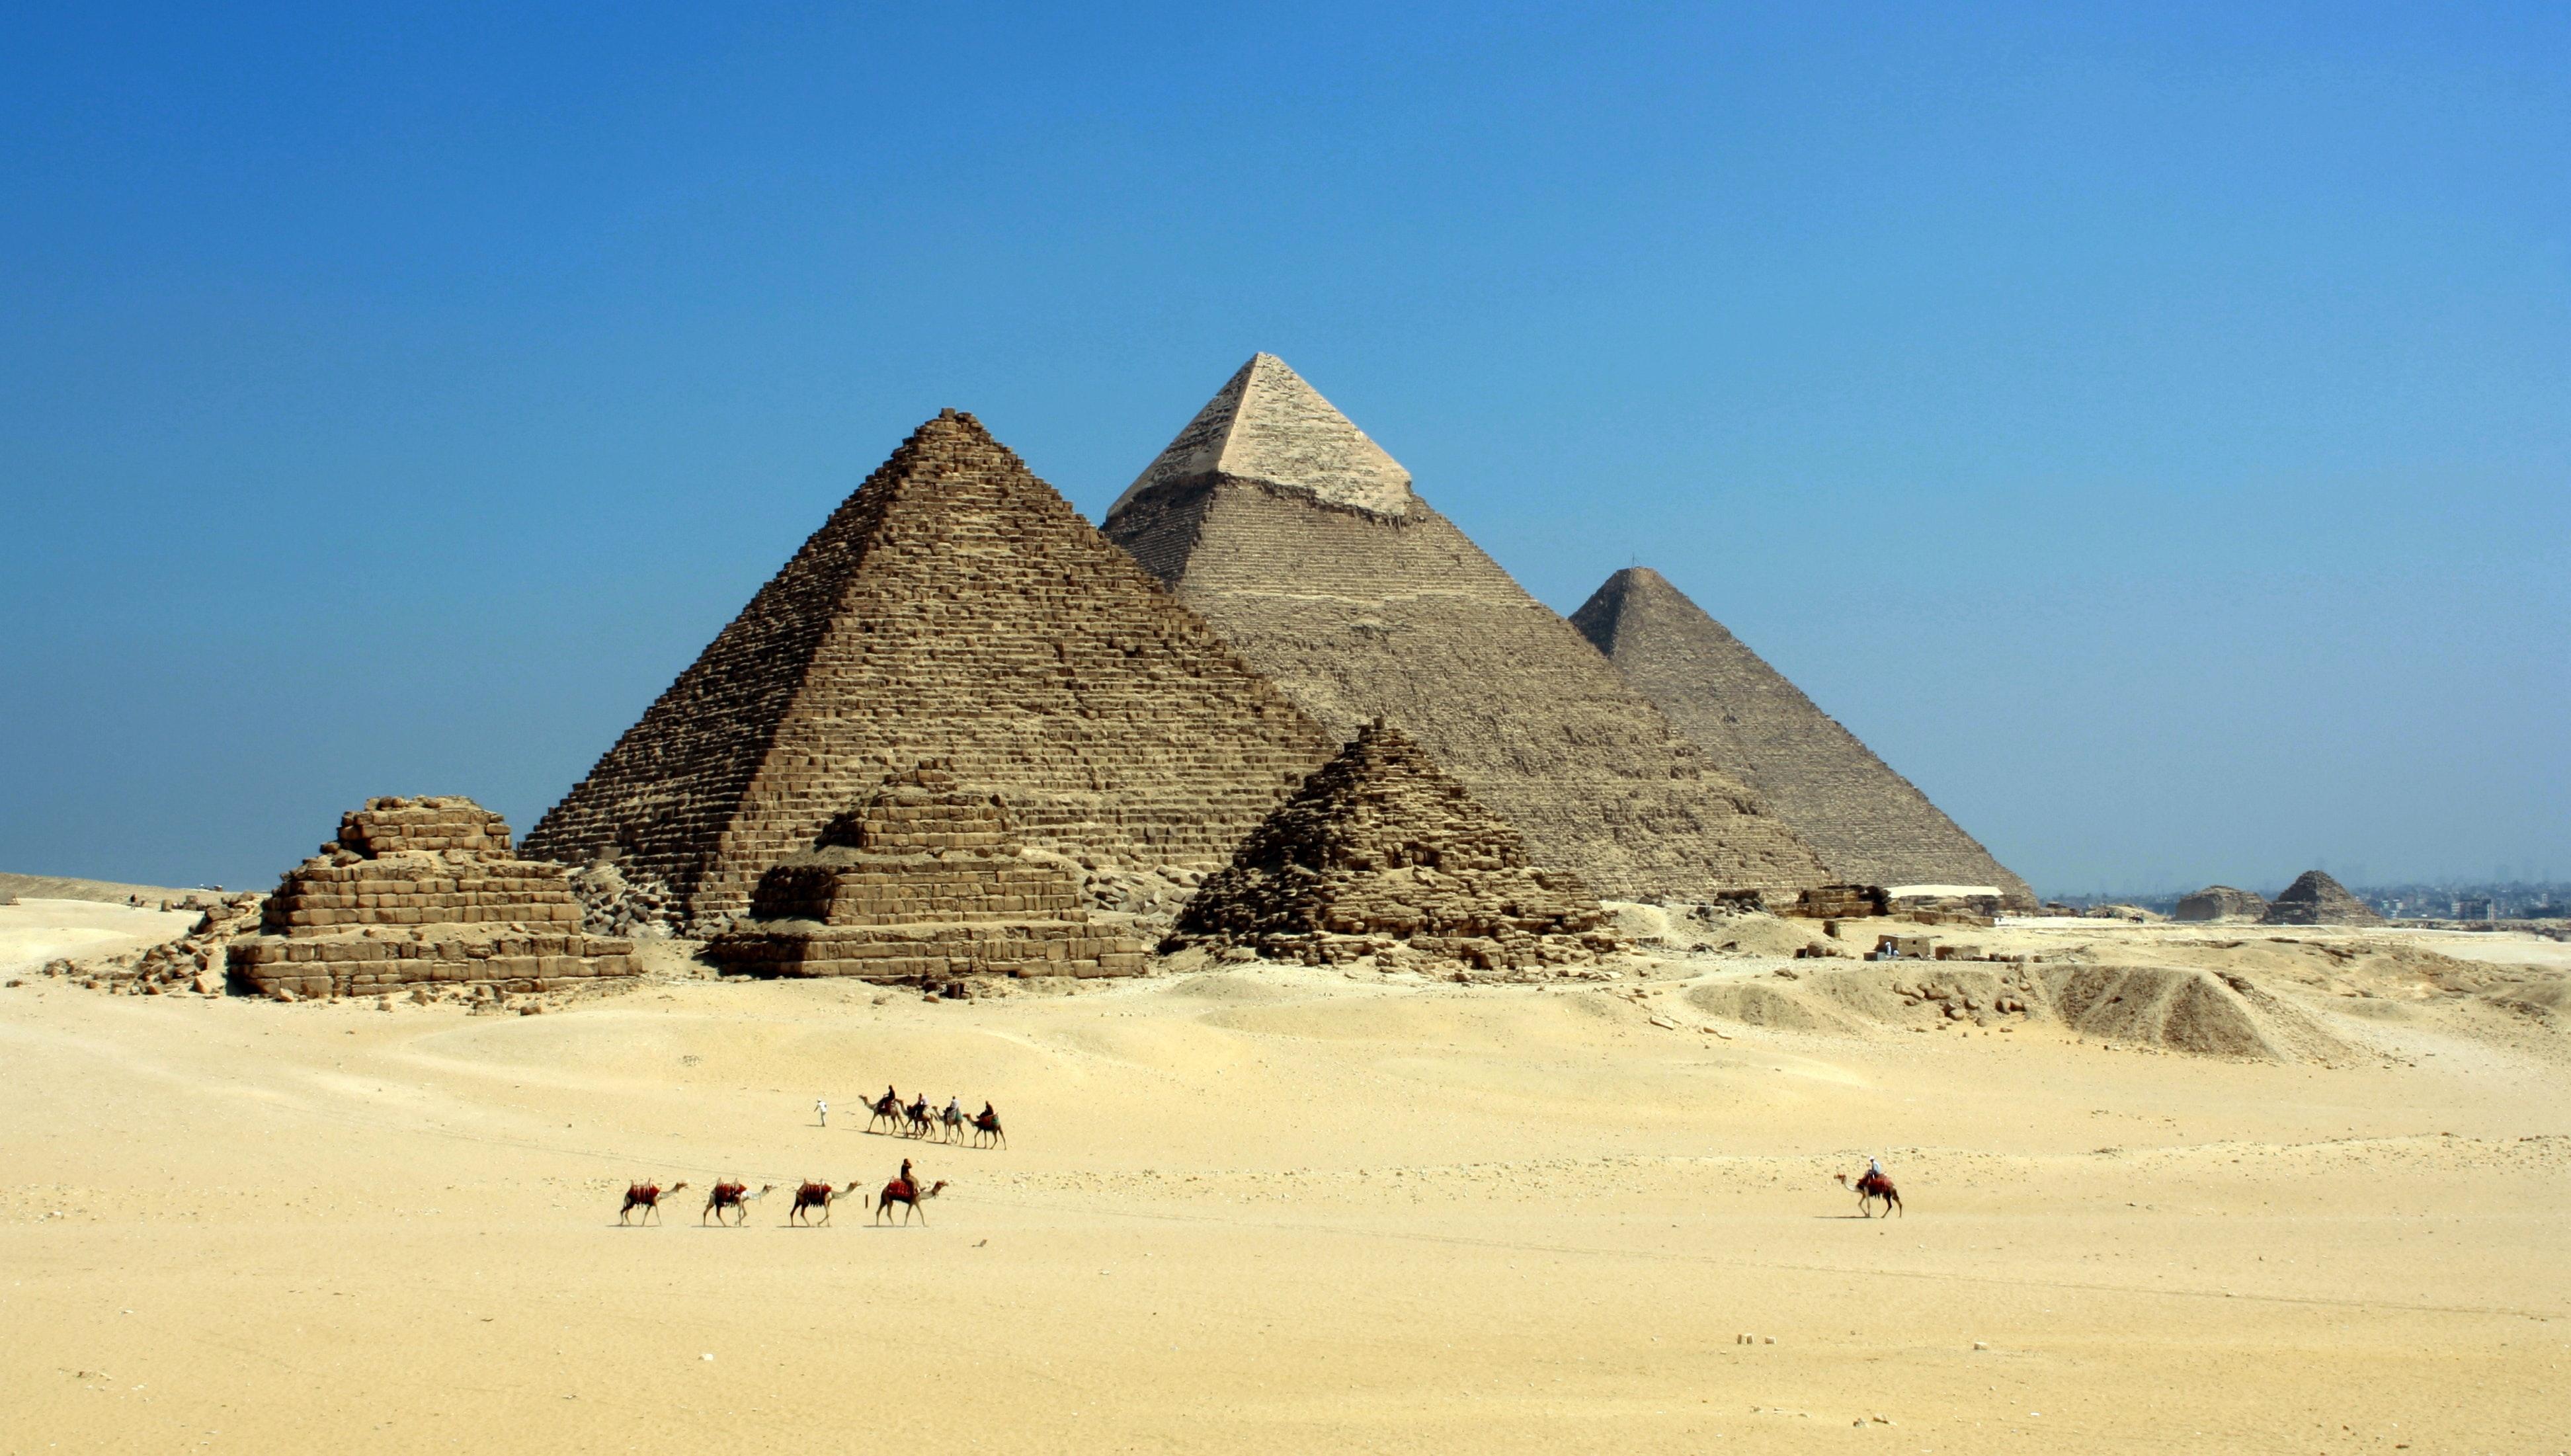 Российские туристы могут получить визу в аэропорту в Египте